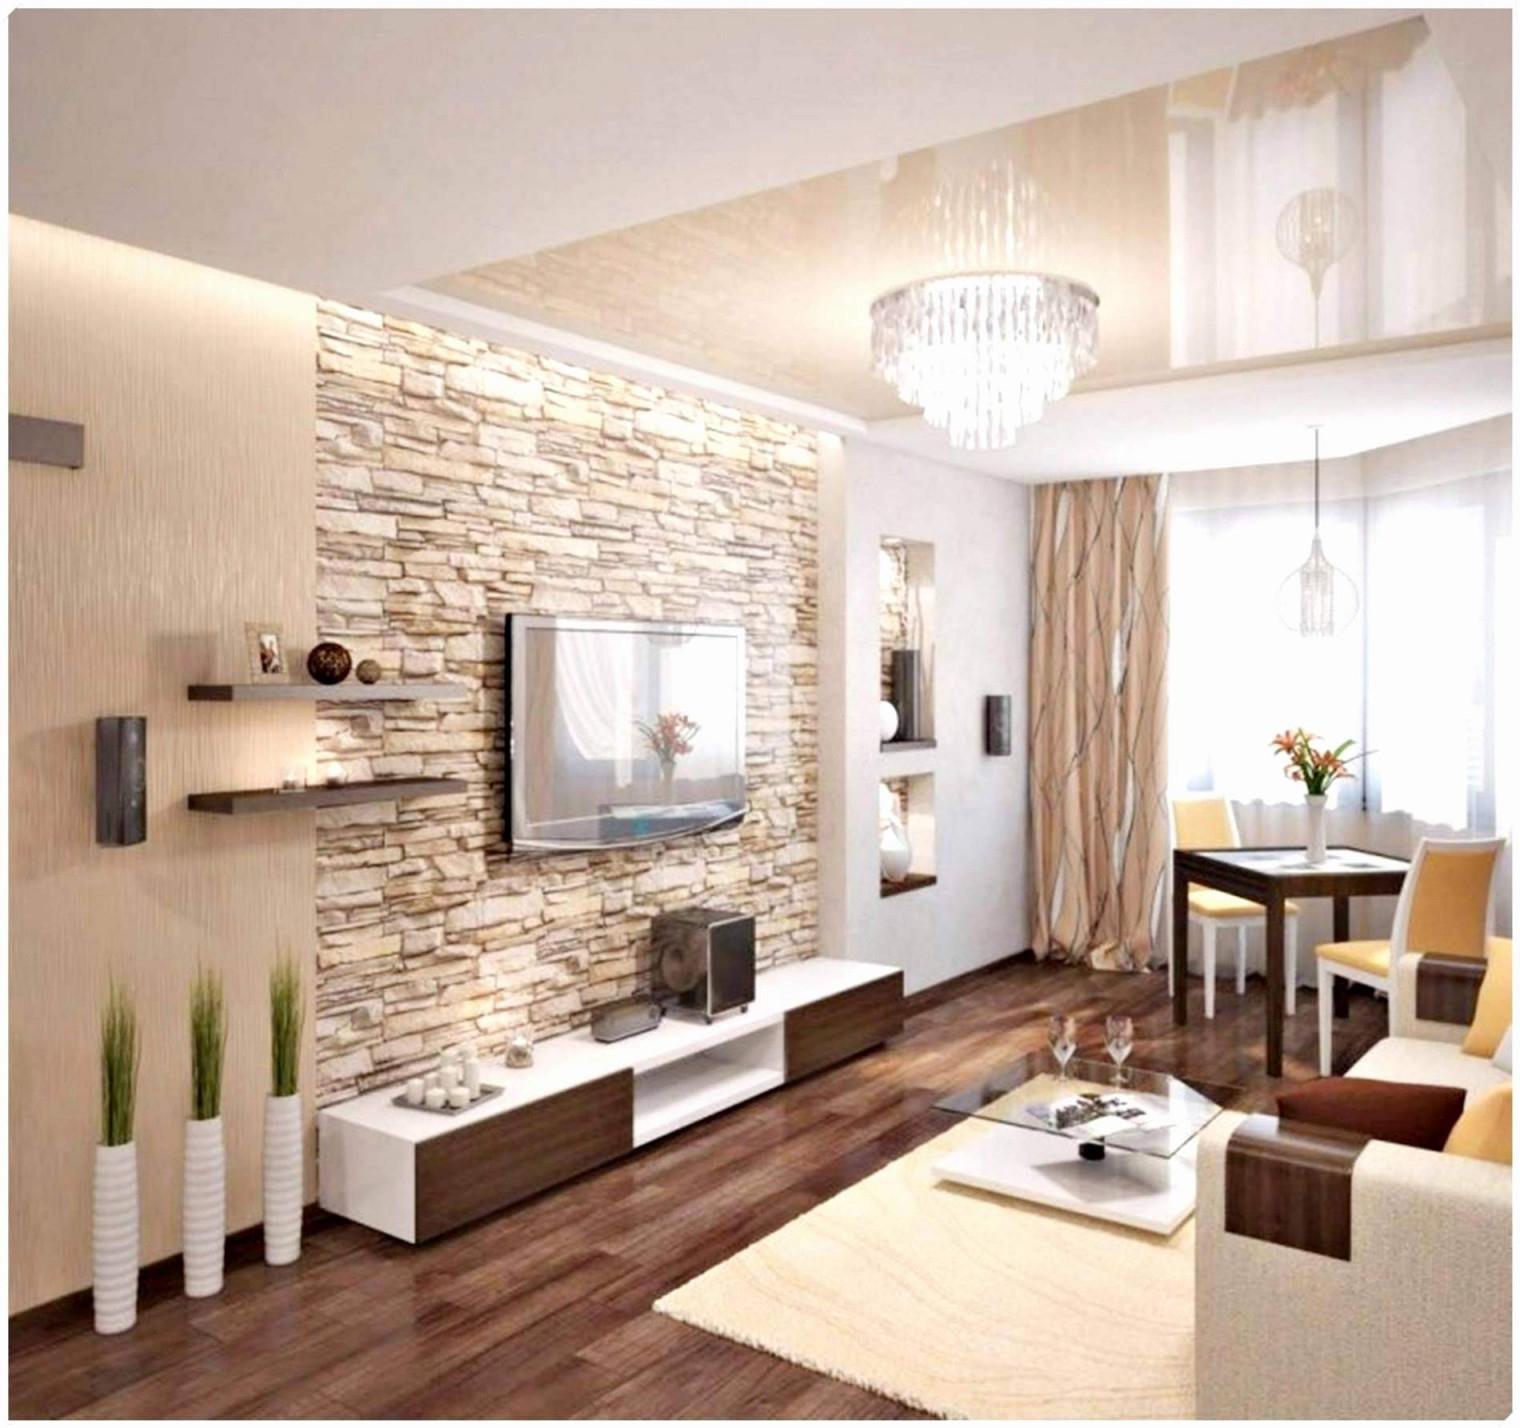 36 Neu Wandgestaltung Wohnzimmer Farbe Schön  Wohnzimmer Frisch von Wohnzimmer Ideen Wandgestaltung Bild